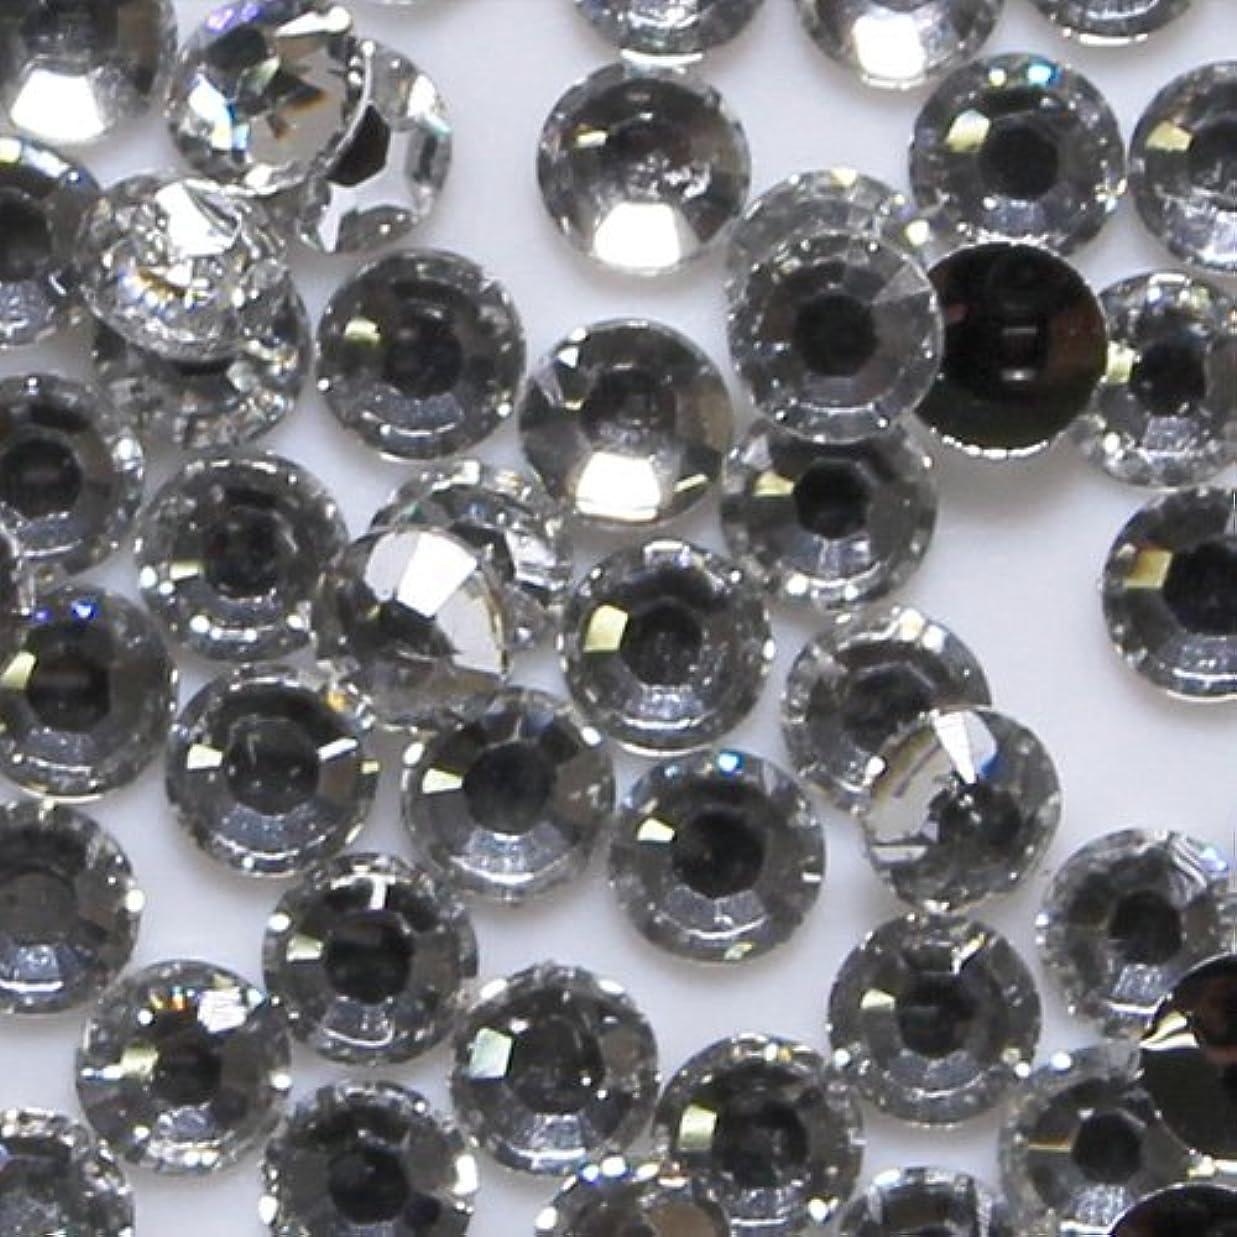 処分した量なぜ高品質 アクリルストーン ラインストーン ラウンドフラット 約1000粒入り 4mm ダイヤモンド